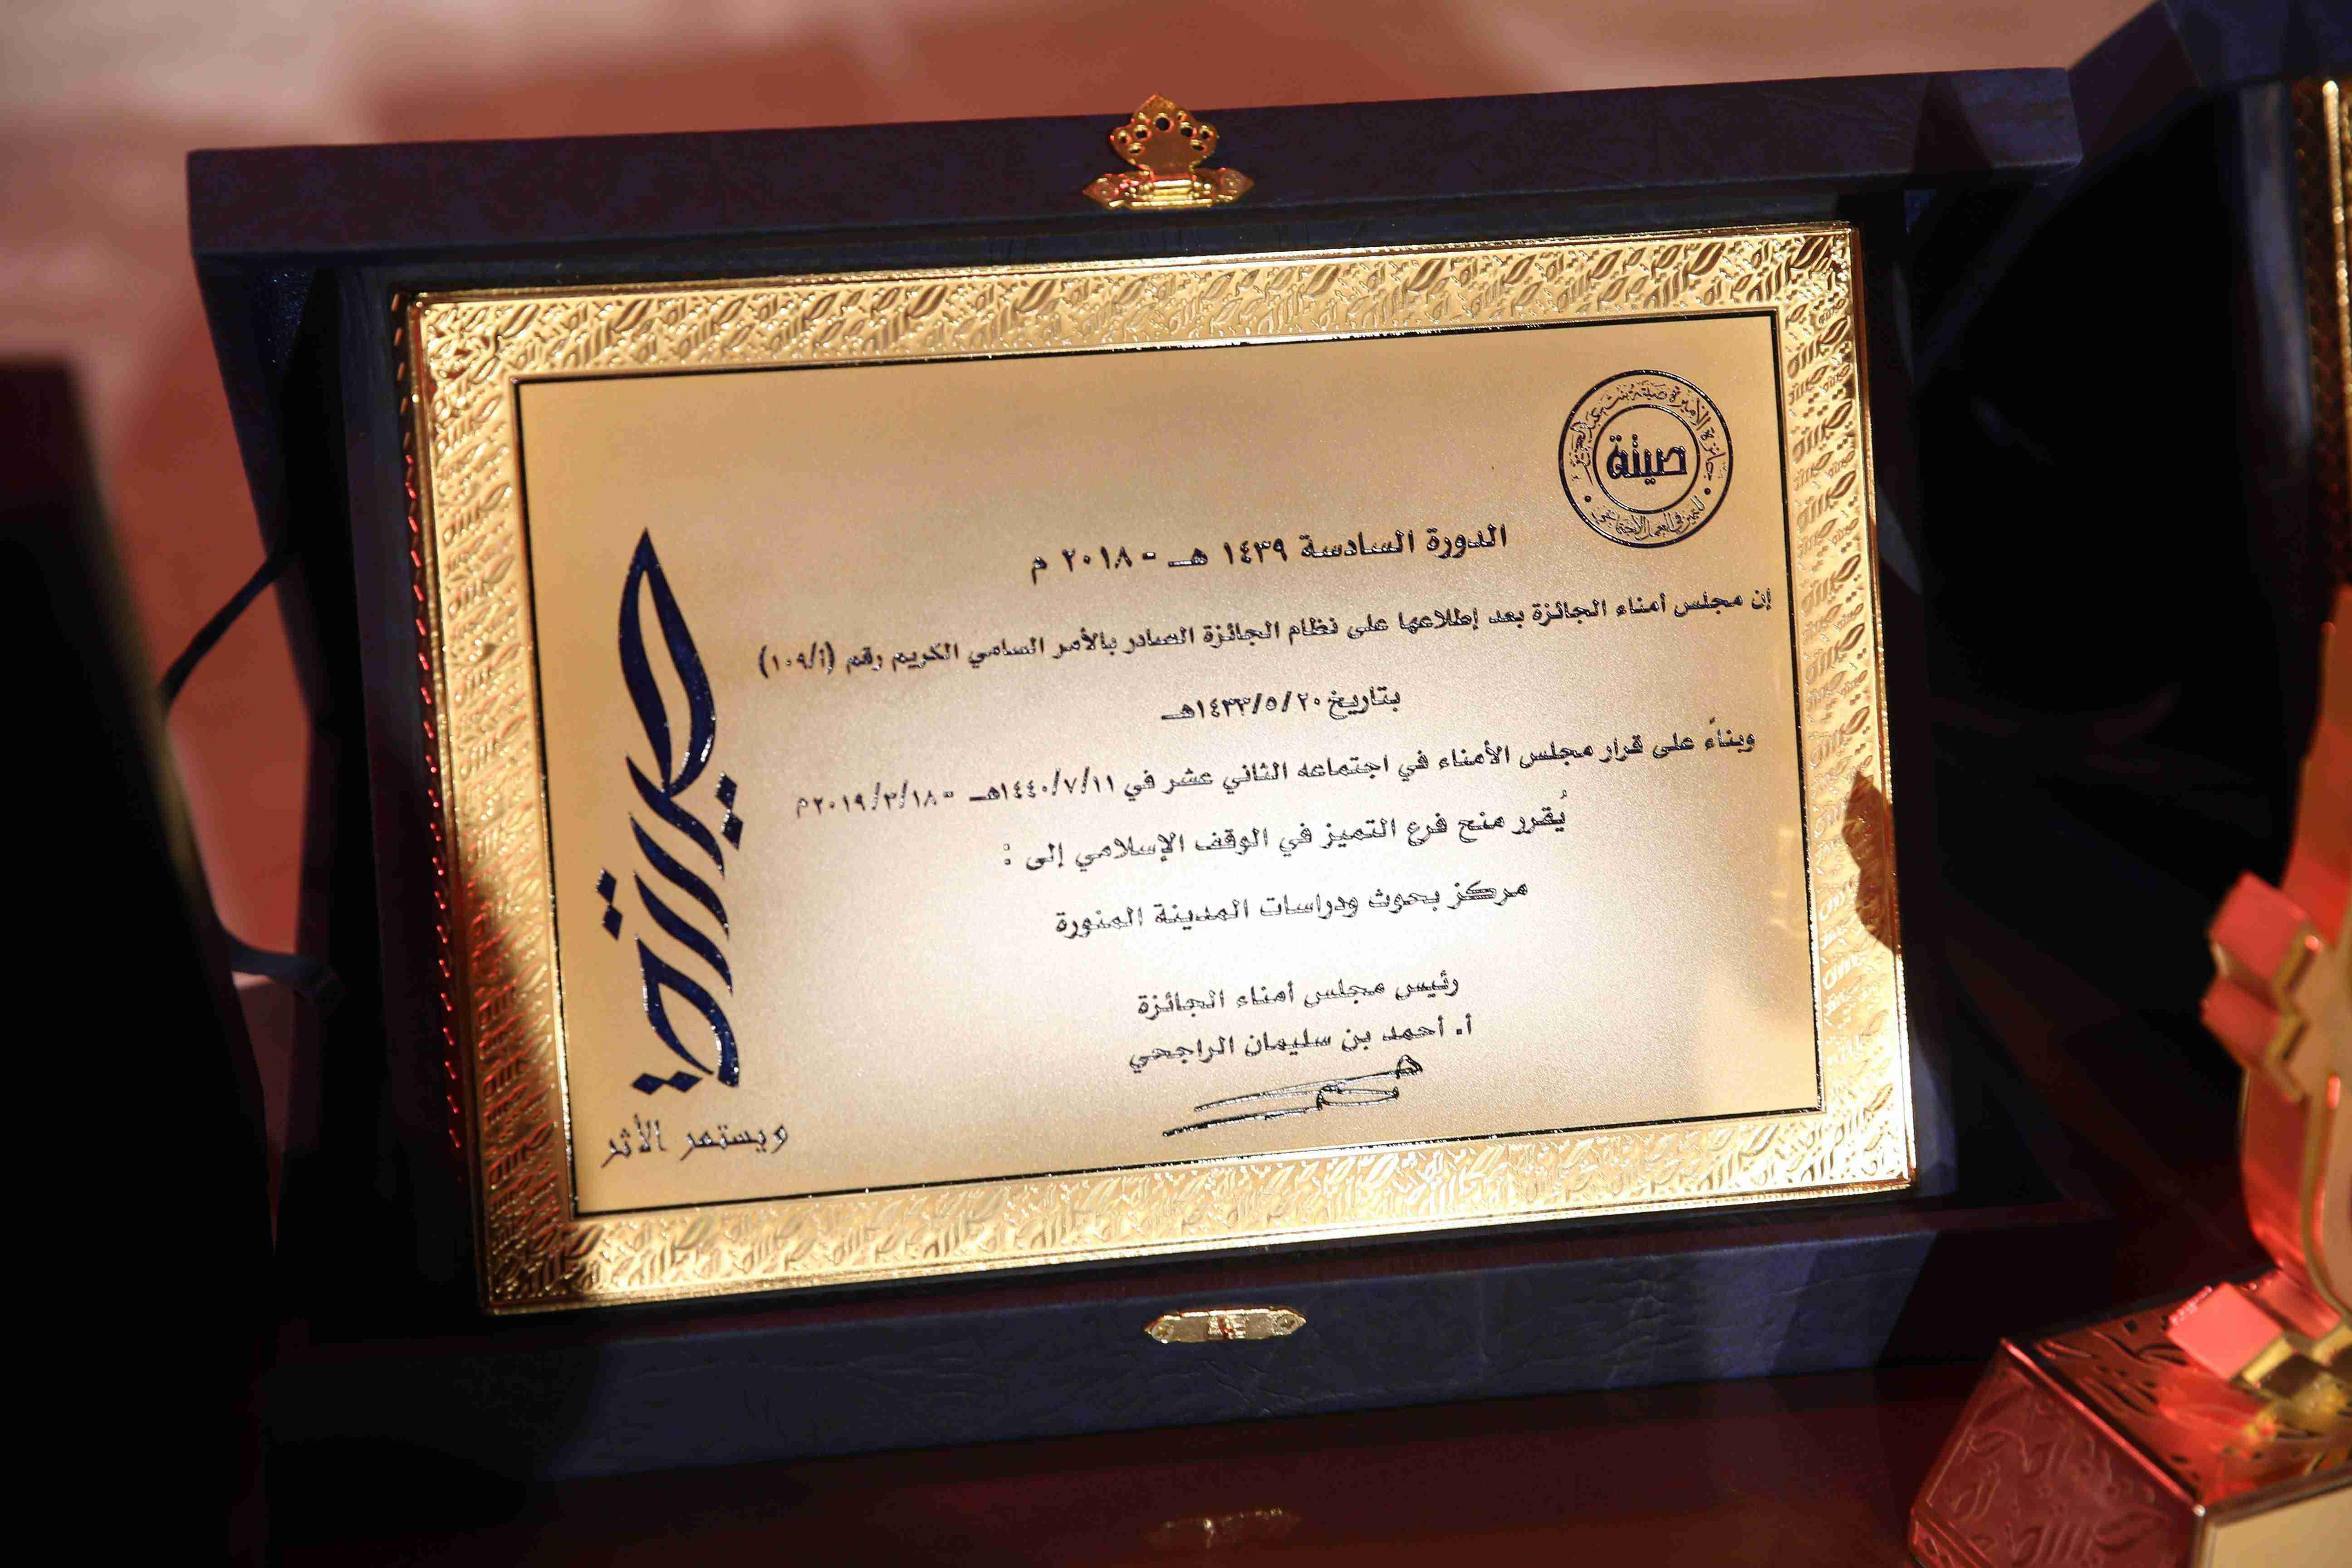 الفائز بجائزة الأميرة صيتة لدورتها السادسة مركز بحوث ودراسات المدينة المنورة